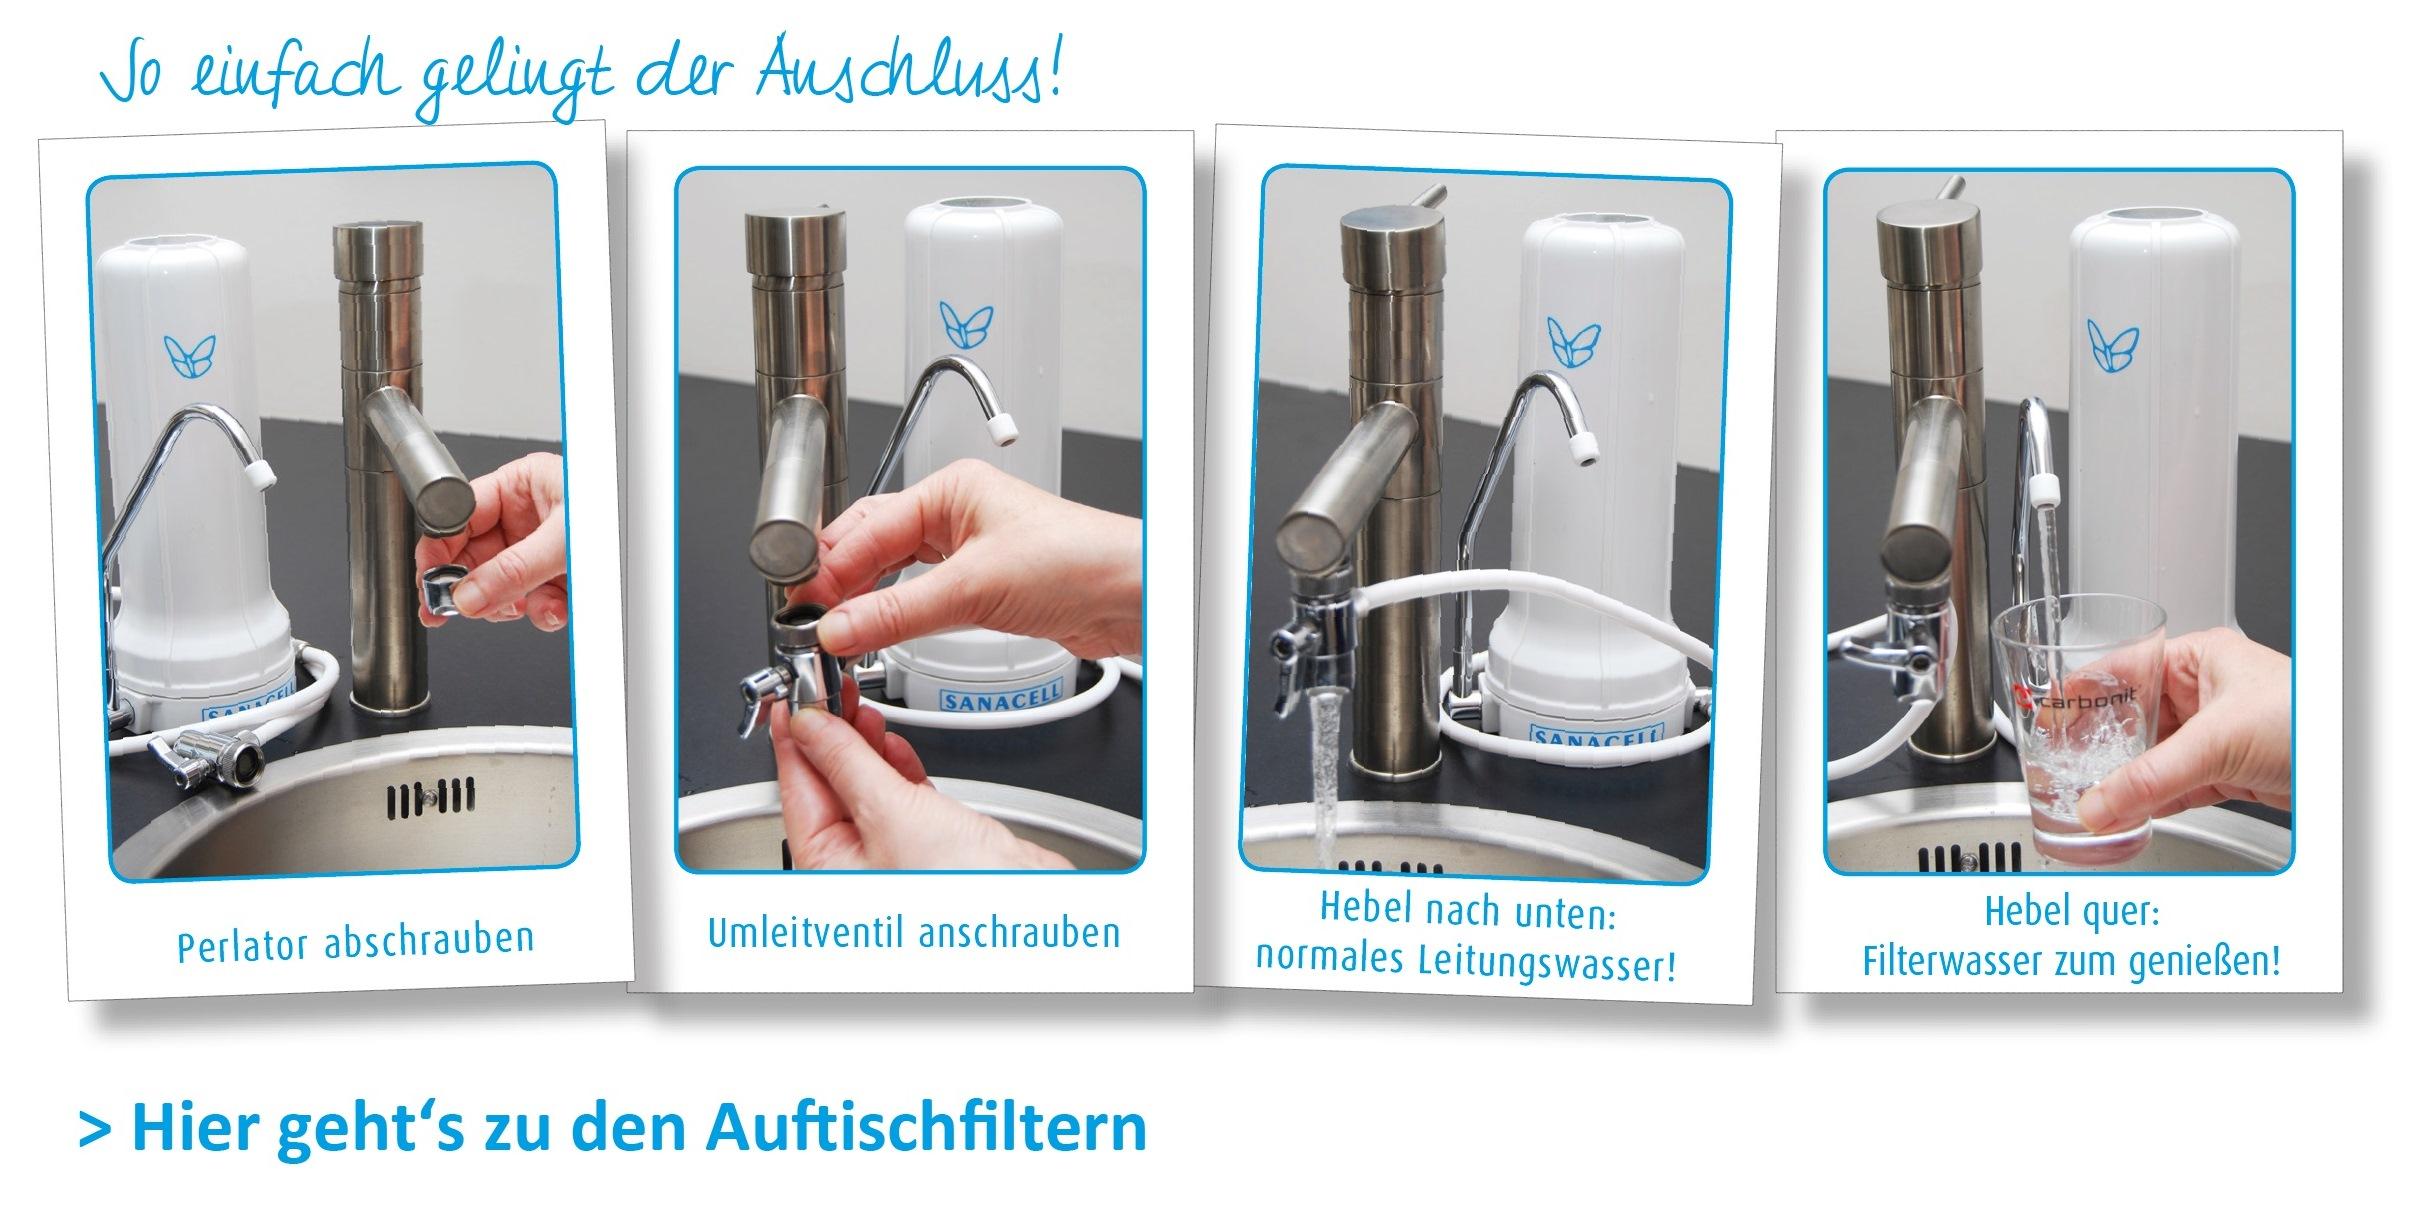 Auftischfilter_TrinkwasserfilterVFxnNWqVRGqmD